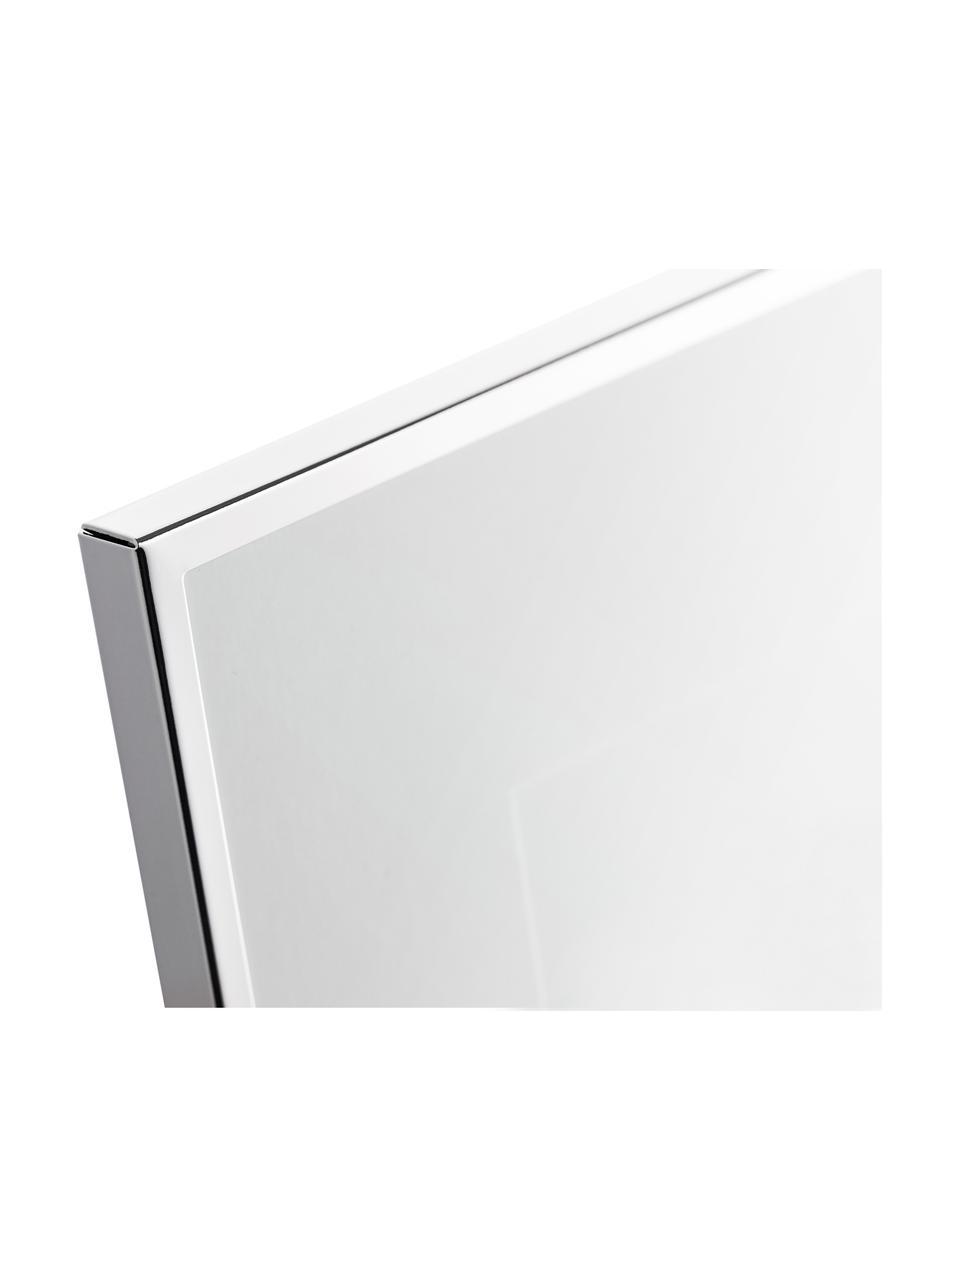 Ramka na zdjęcia Memento, Srebrny, S 20 x W 24 cm